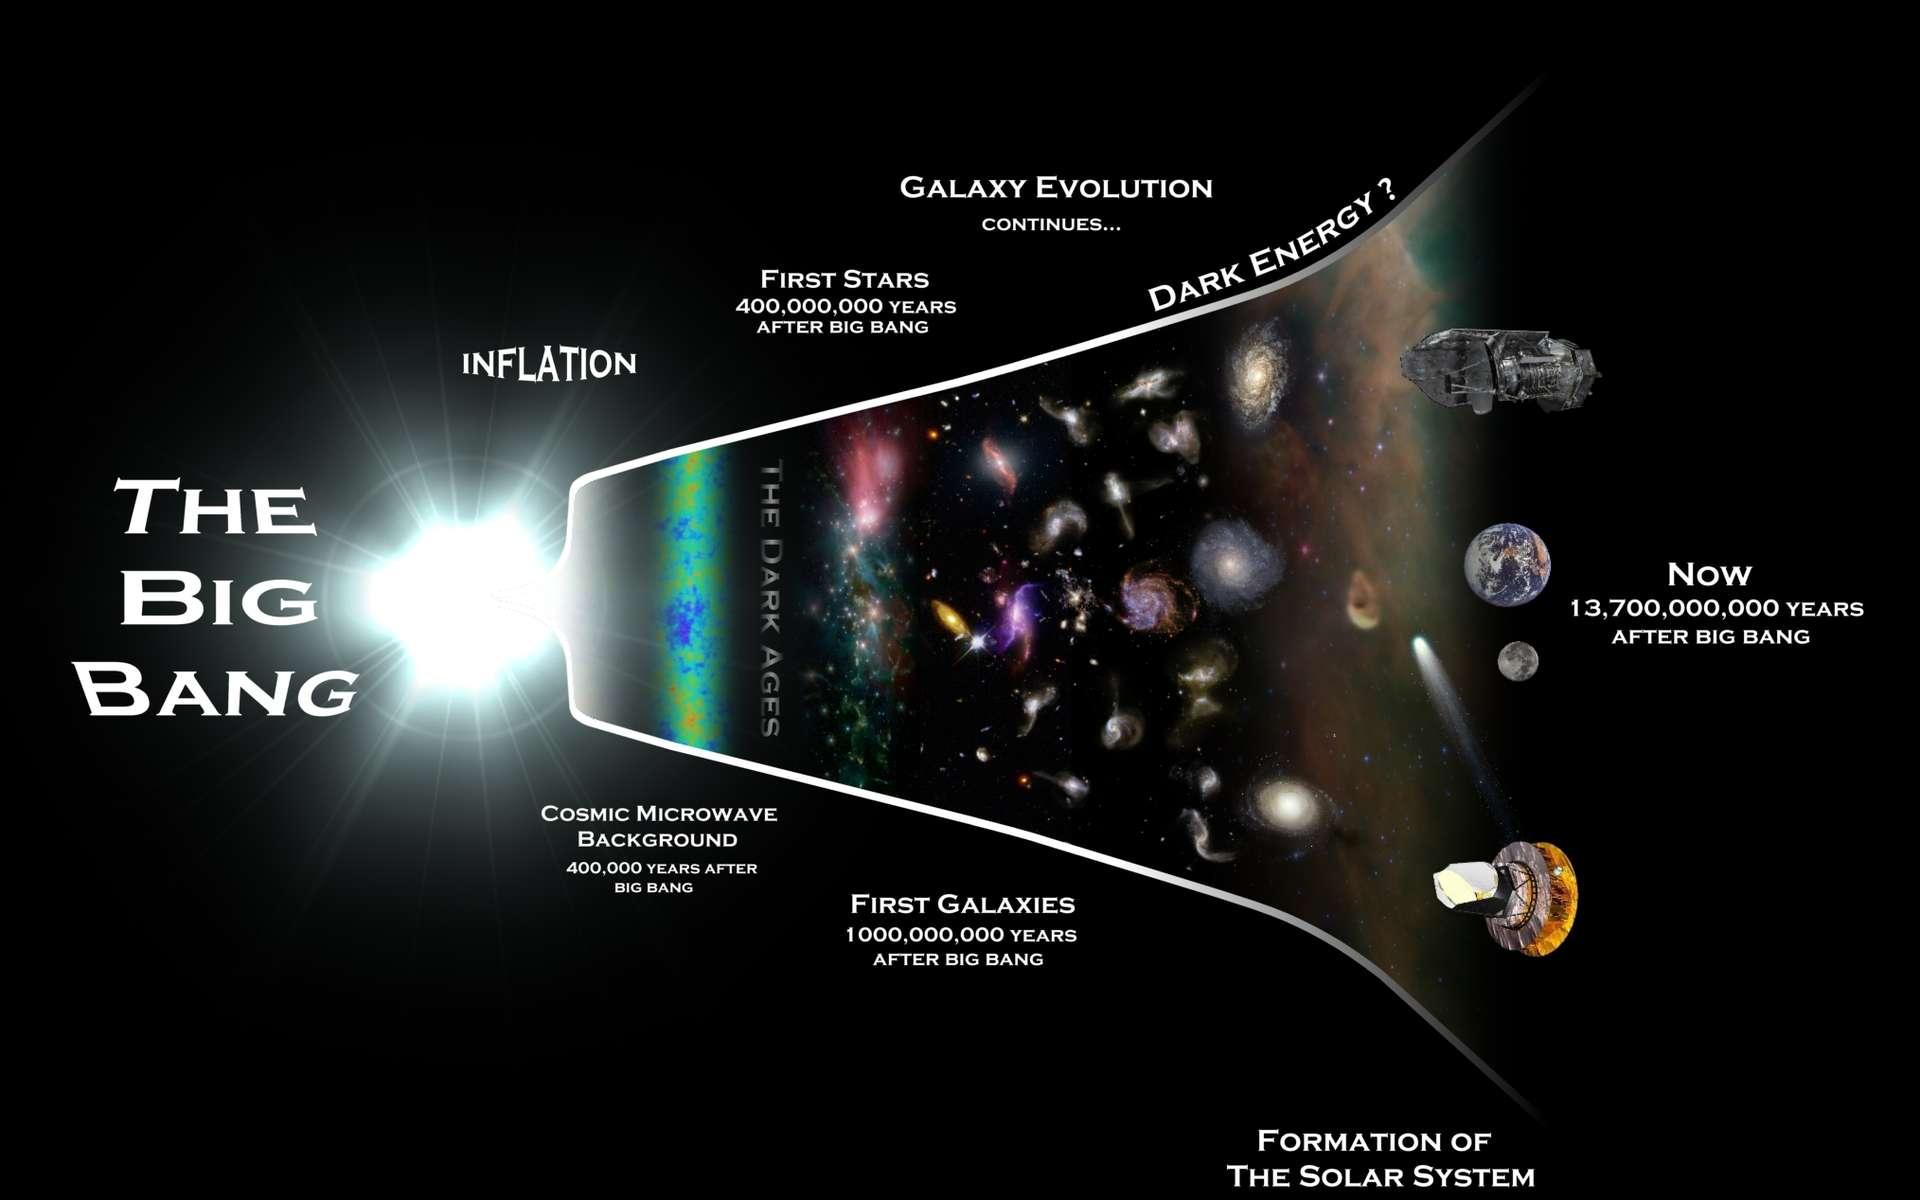 Juste après le Big Bang, dans une période s'étendant de 10-43 à 10-35 seconde après un hypothétique « temps zéro » de l'univers observable, les chercheurs ont de bonnes raisons de penser que l'expansion de l'univers a subi une très forte accélération transitoire. Cette brève période de temps s'appelle l'inflation, et elle serait une conséquence d'une nouvelle physique, comme celle de la gravitation quantique ou des théories de grande unification (Gut). Très fortement dilaté, l'univers observable aurait continué son expansion, mais en gardant dans le rayonnement fossile la mémoire de cette phase d'inflation. © Rhys Taylor, Cardiff University